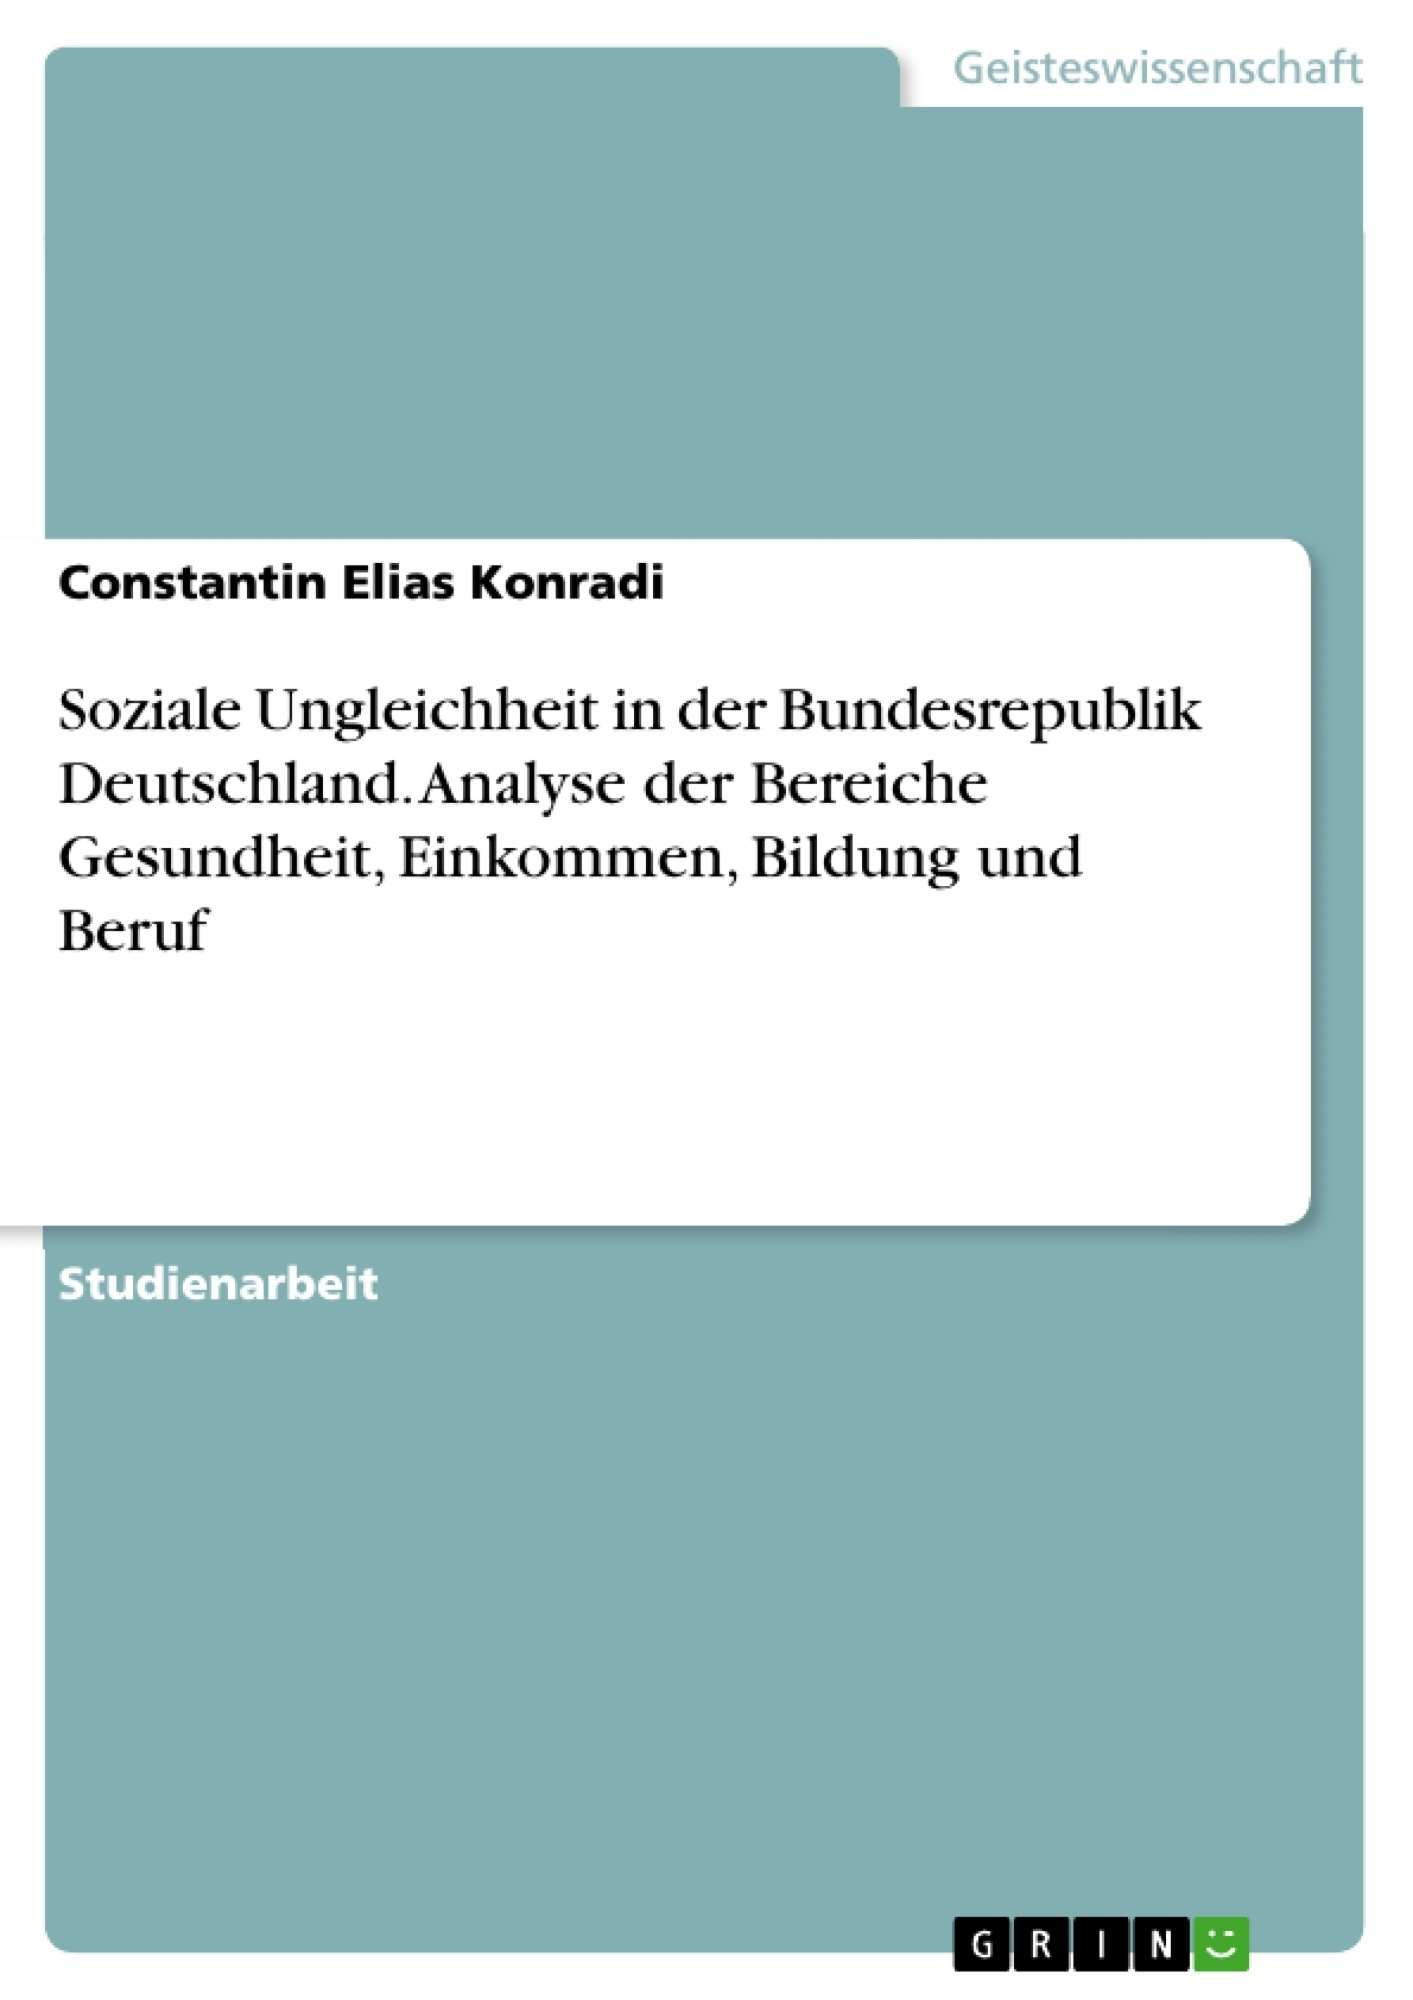 Titel: Soziale Ungleichheit in der Bundesrepublik Deutschland. Analyse der Bereiche Gesundheit, Einkommen, Bildung und Beruf